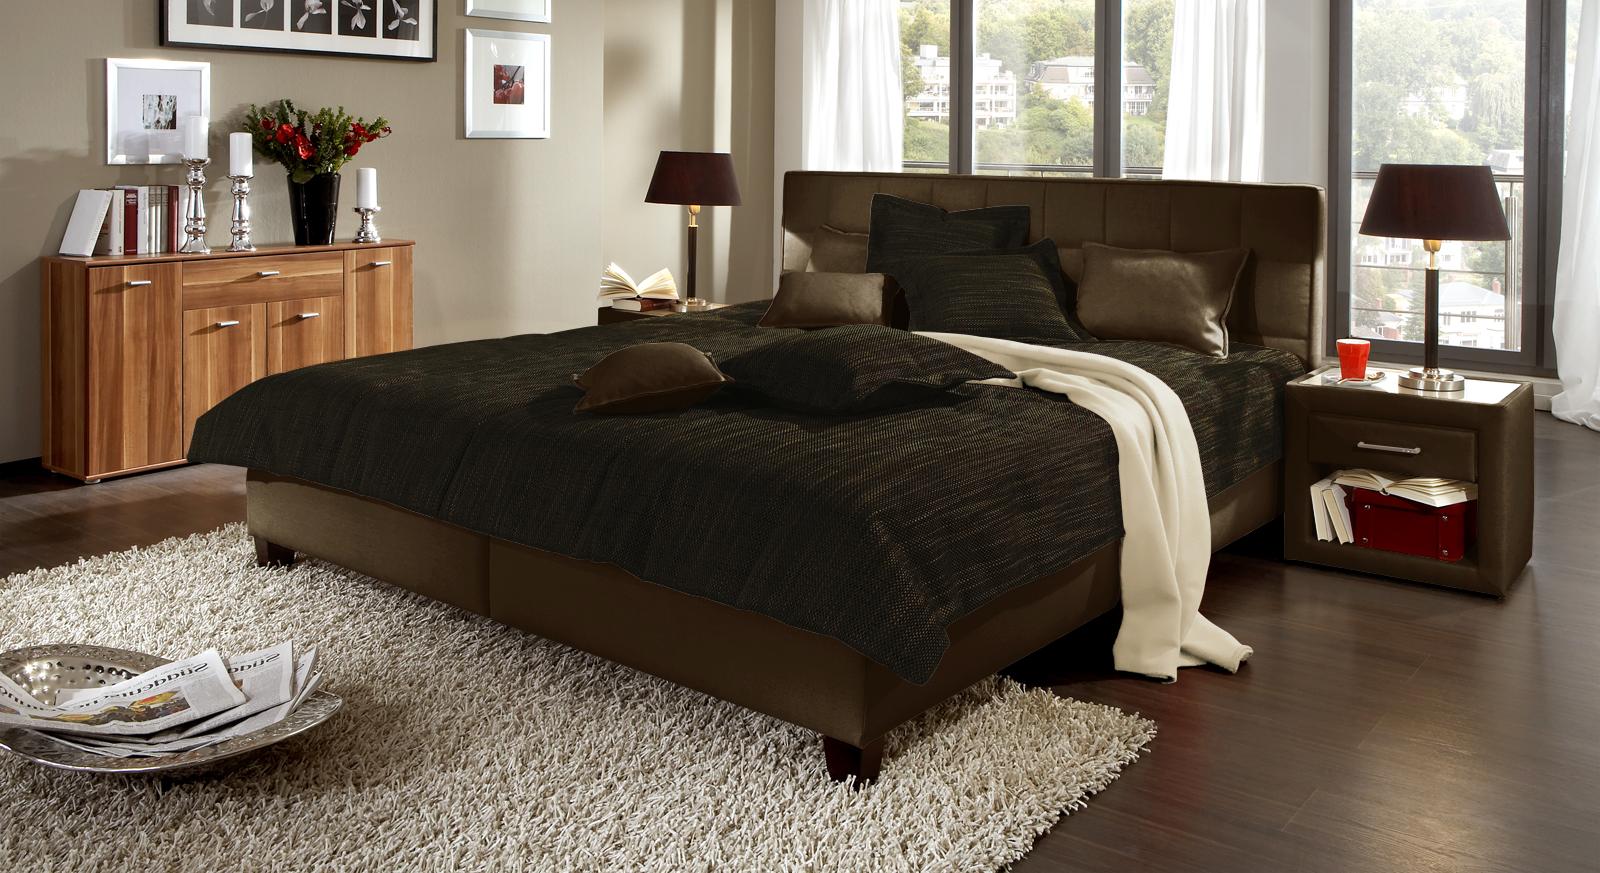 Hier ist das Polsterbett Sansone in dunkelbraunem Webstoff mit Bettkasten abgebildet.